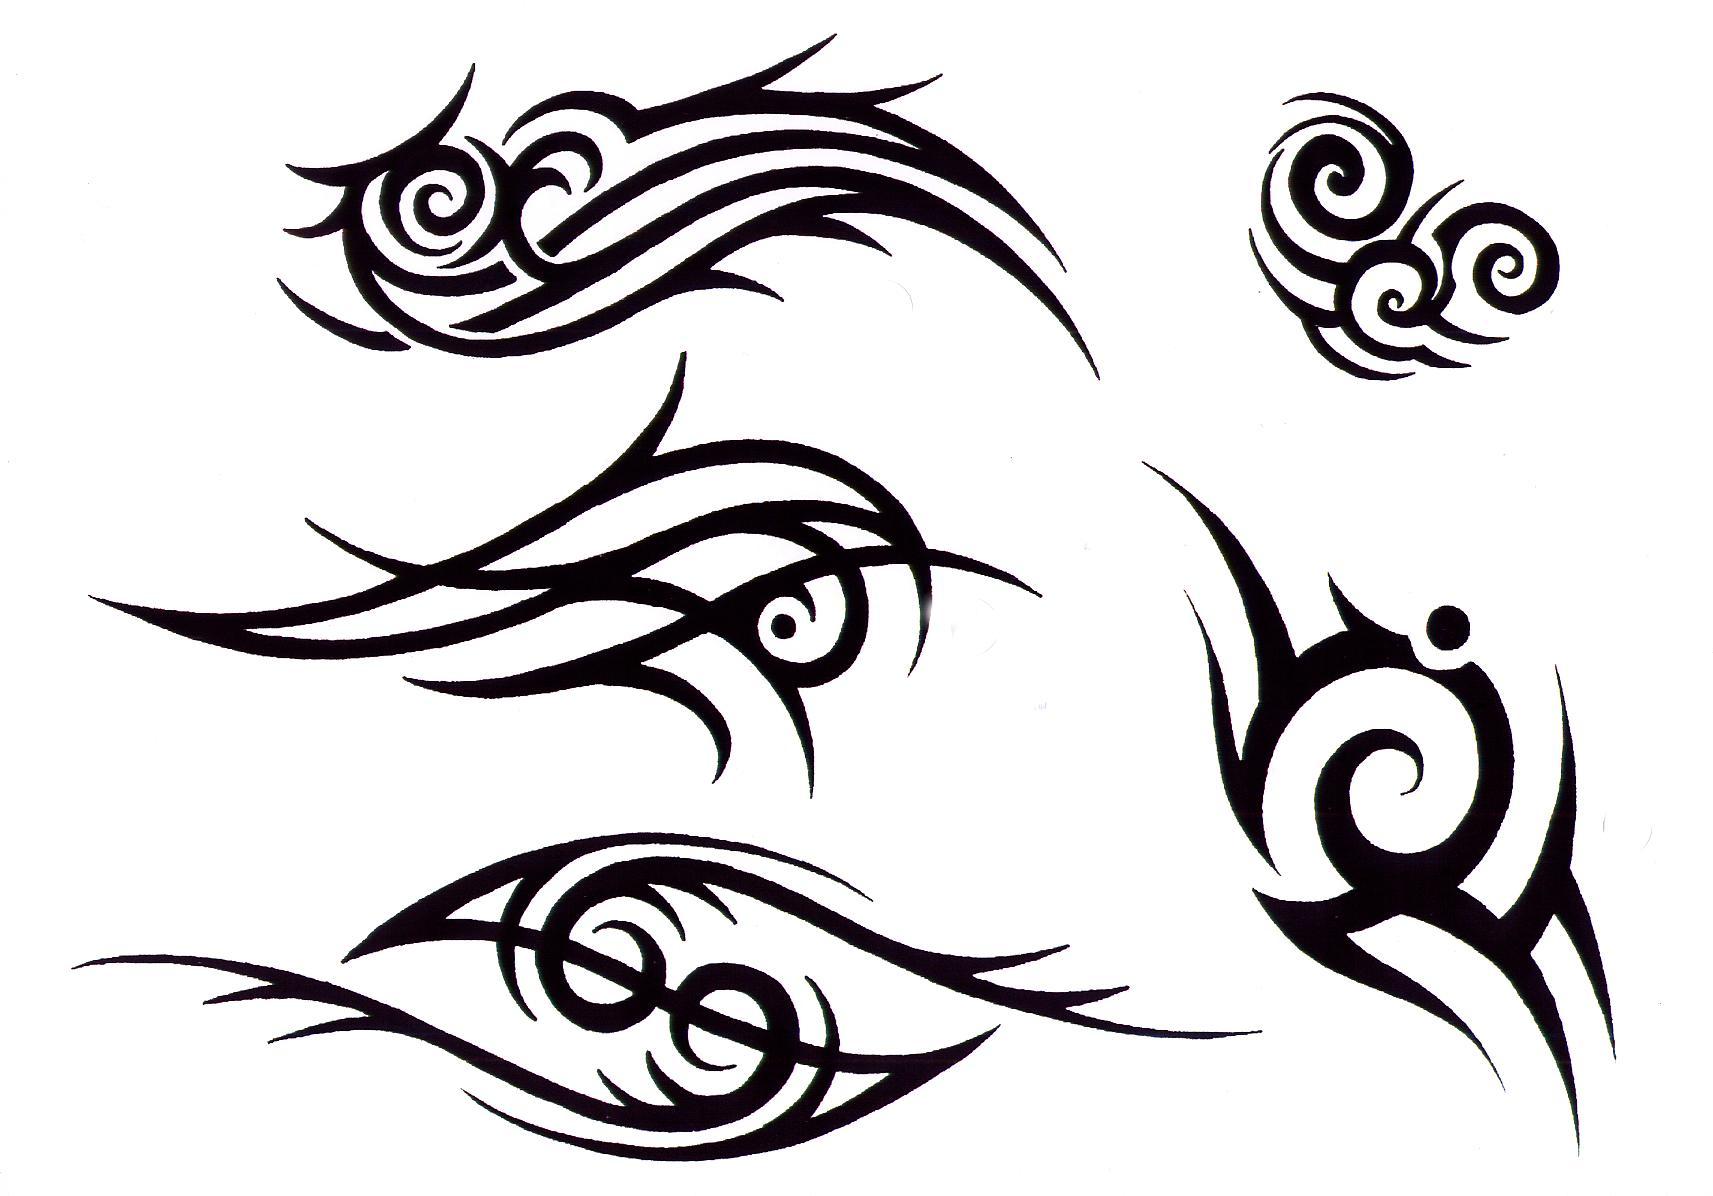 1713x1196 Tribal Tattoo Designs Tribal Tattoo Designs, Tattoo Designs